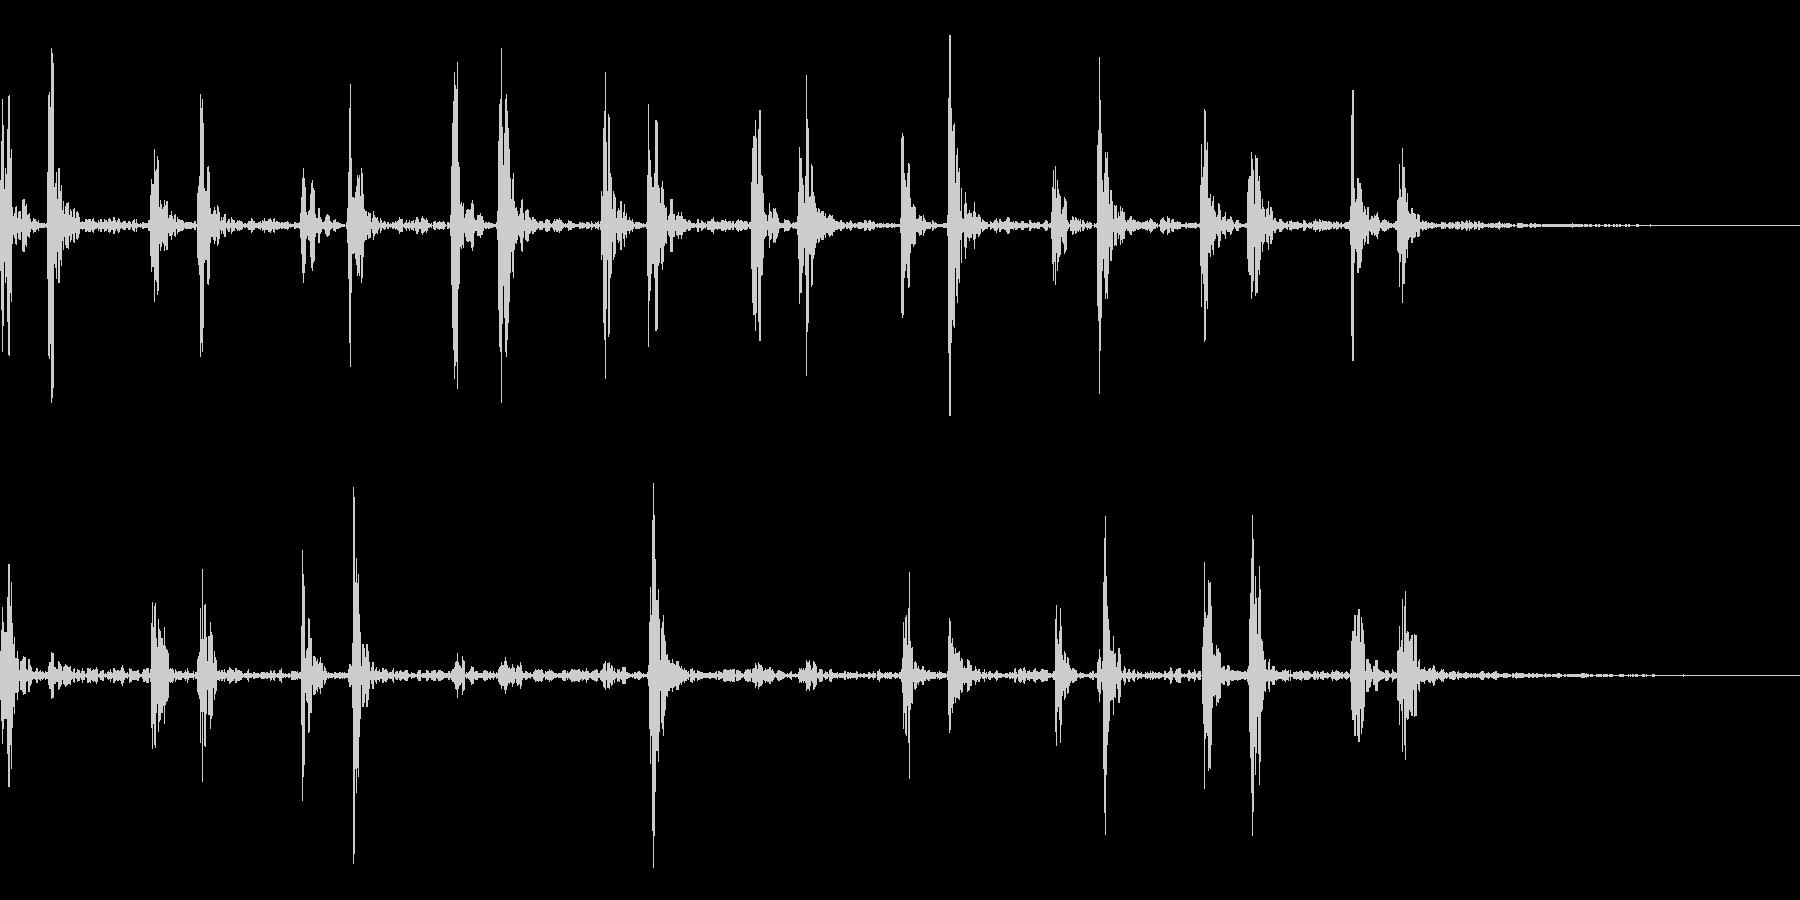 心臓の鼓動_その2の未再生の波形